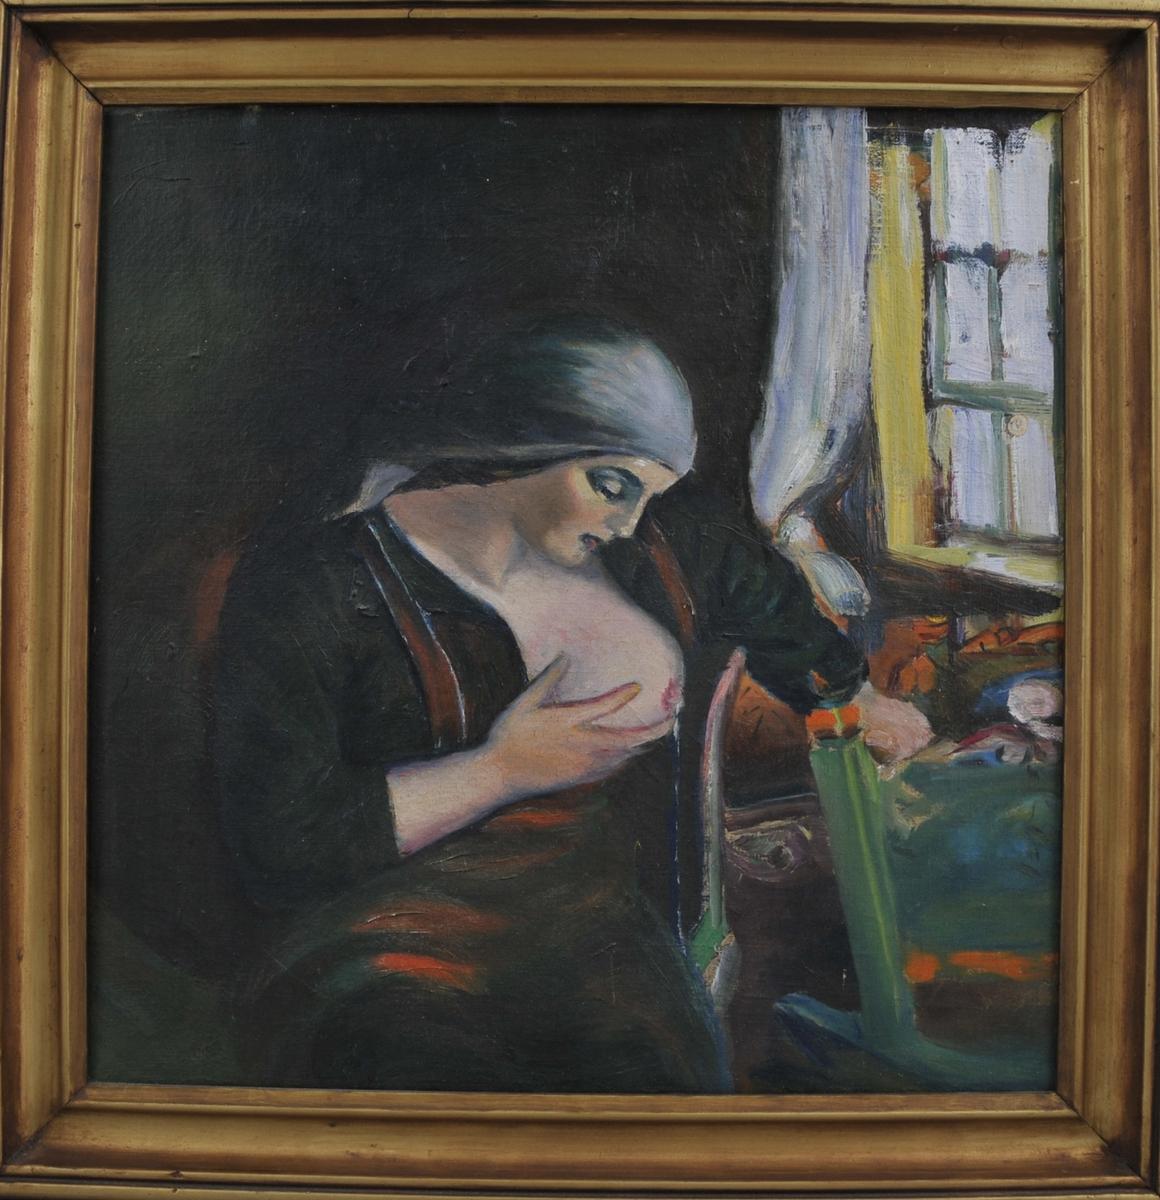 Ei kvinne med skaut, sit framfor ei vogge. Det eine brystet er blotta for amming av barnet.